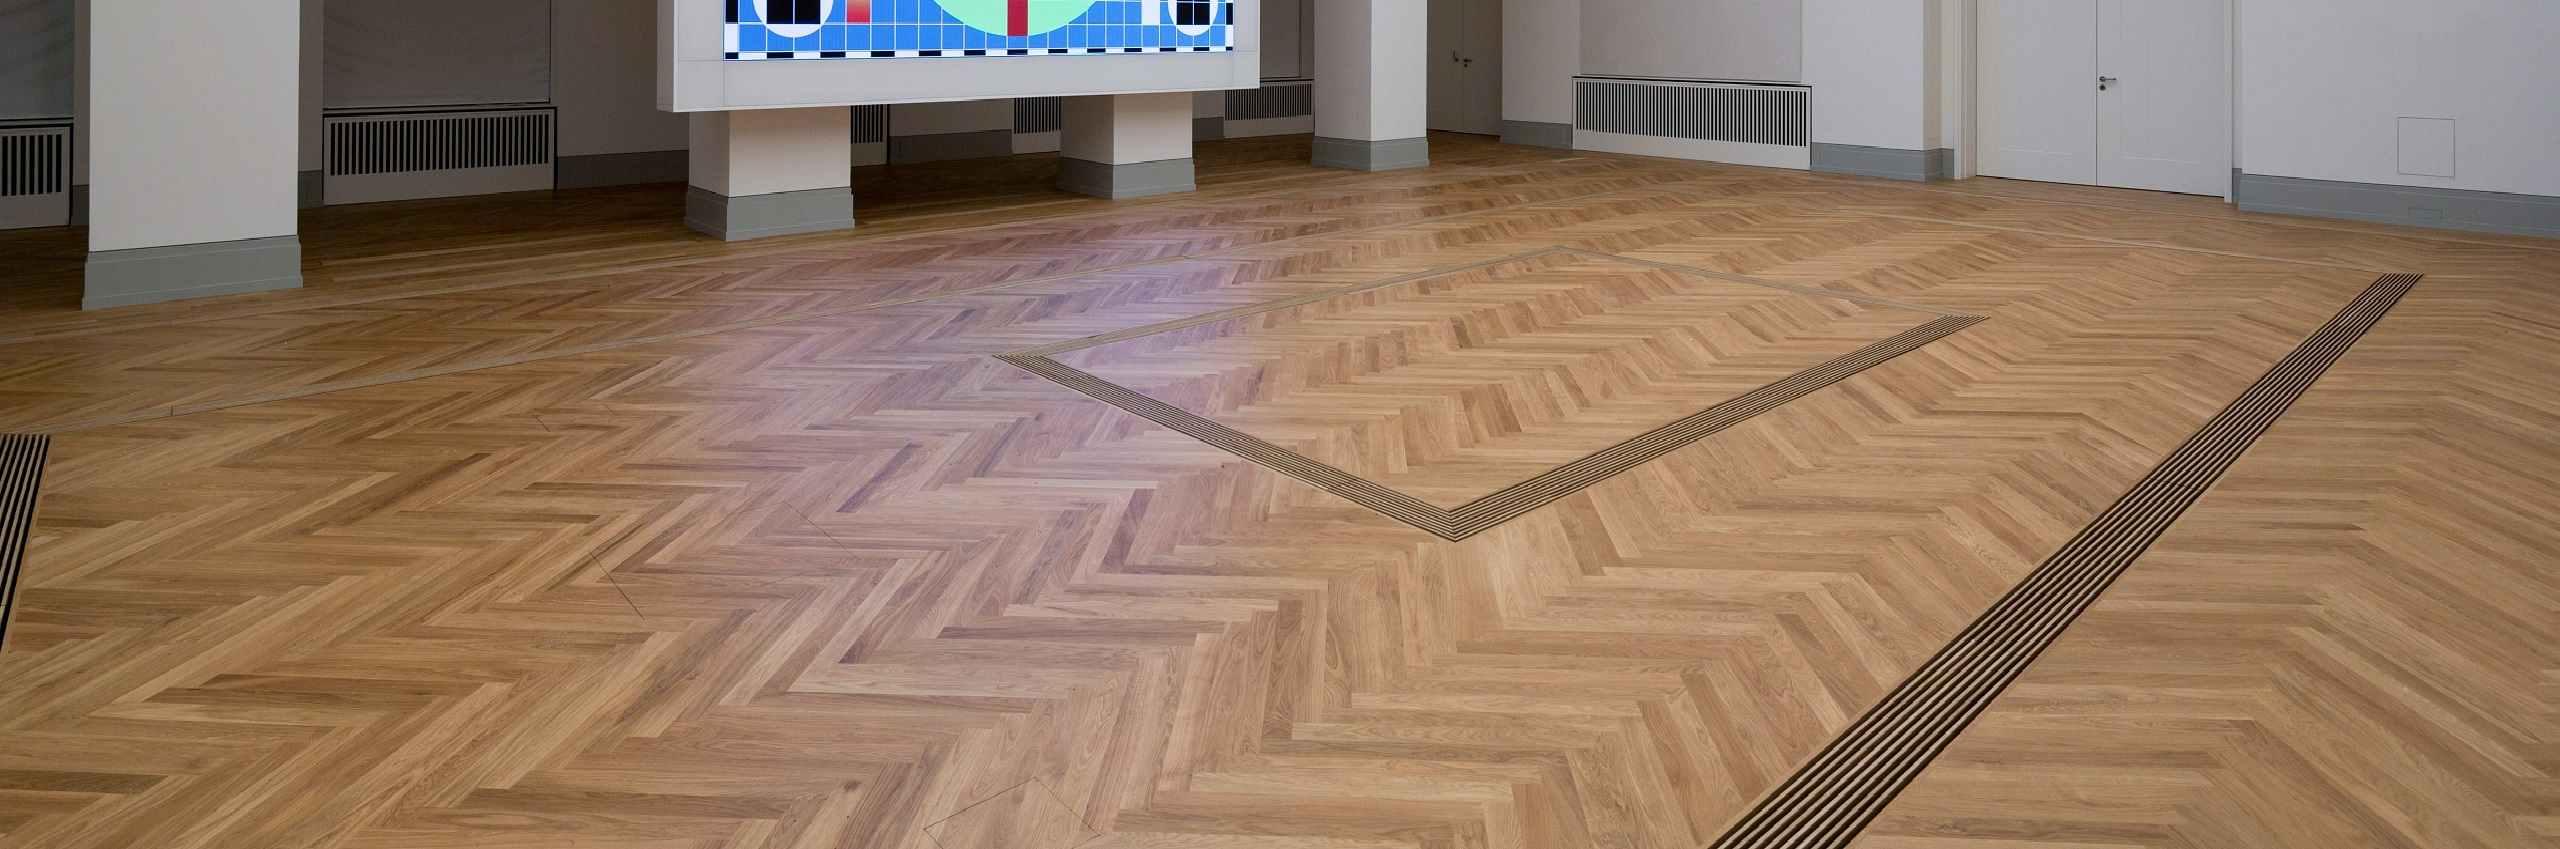 Klick Parkett Auf Teppich Verlegen Vinylboden Wichtige Experten